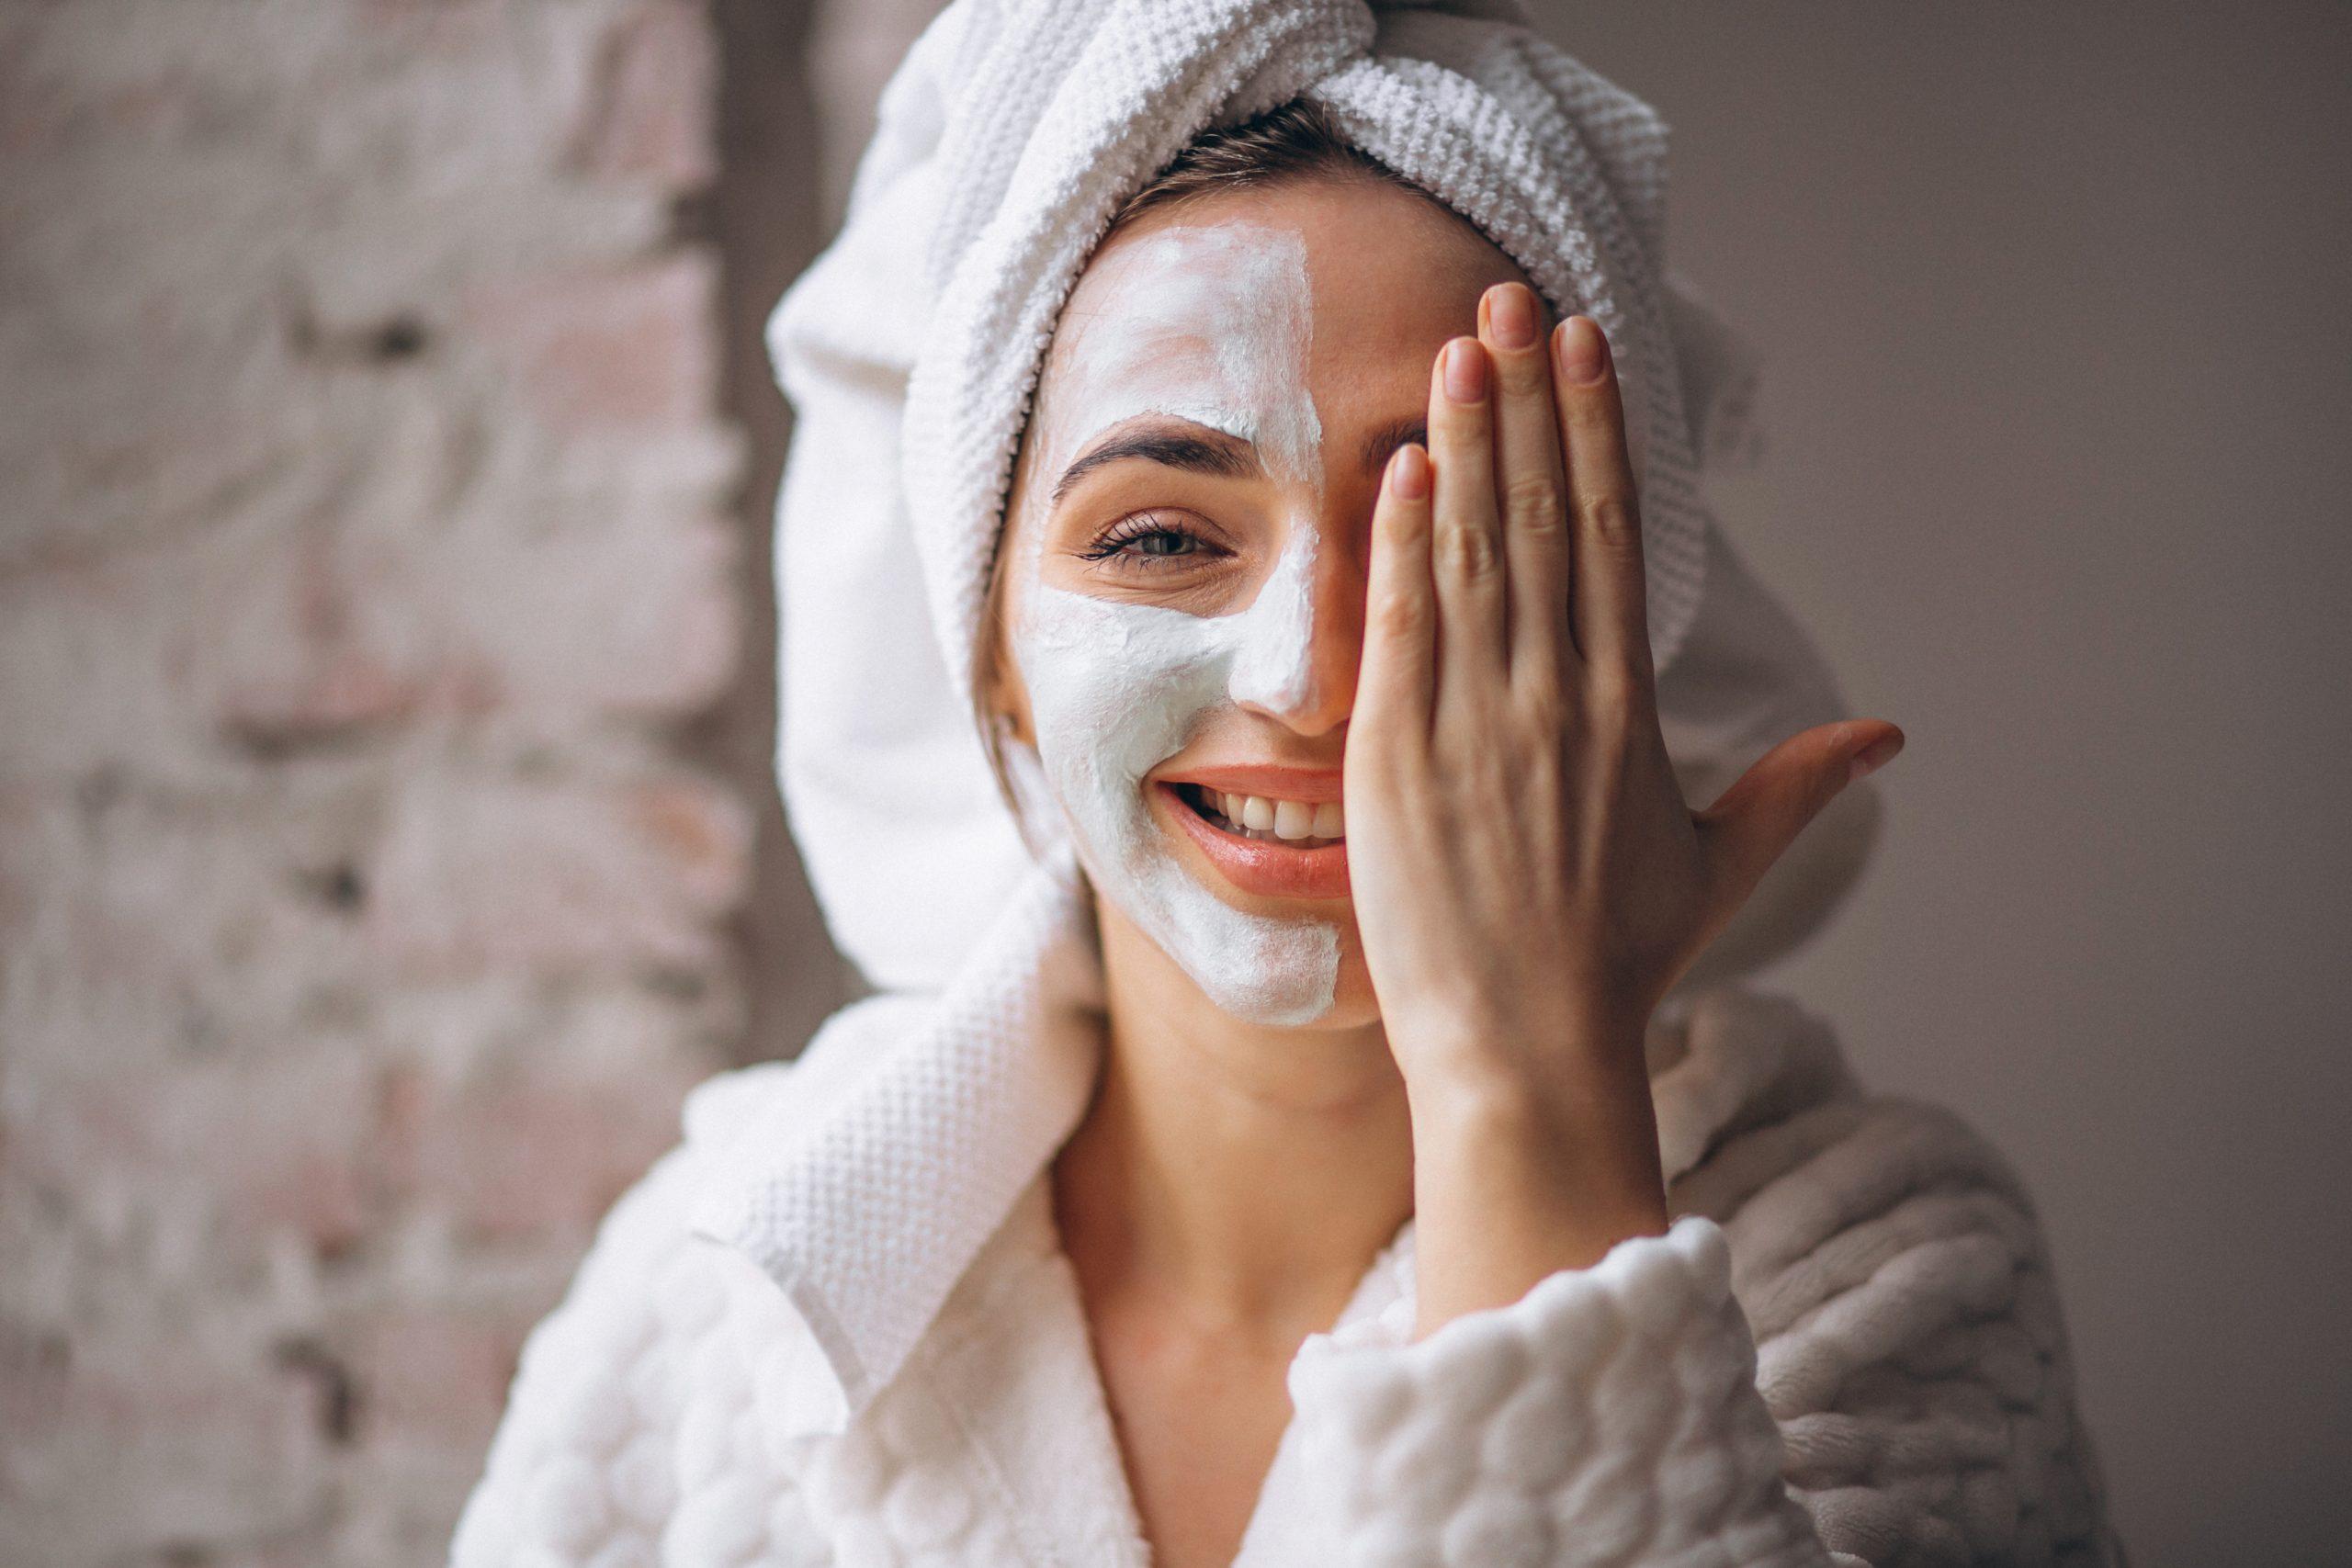 Dicas fáceis para cuidar da pele durante a quarentena